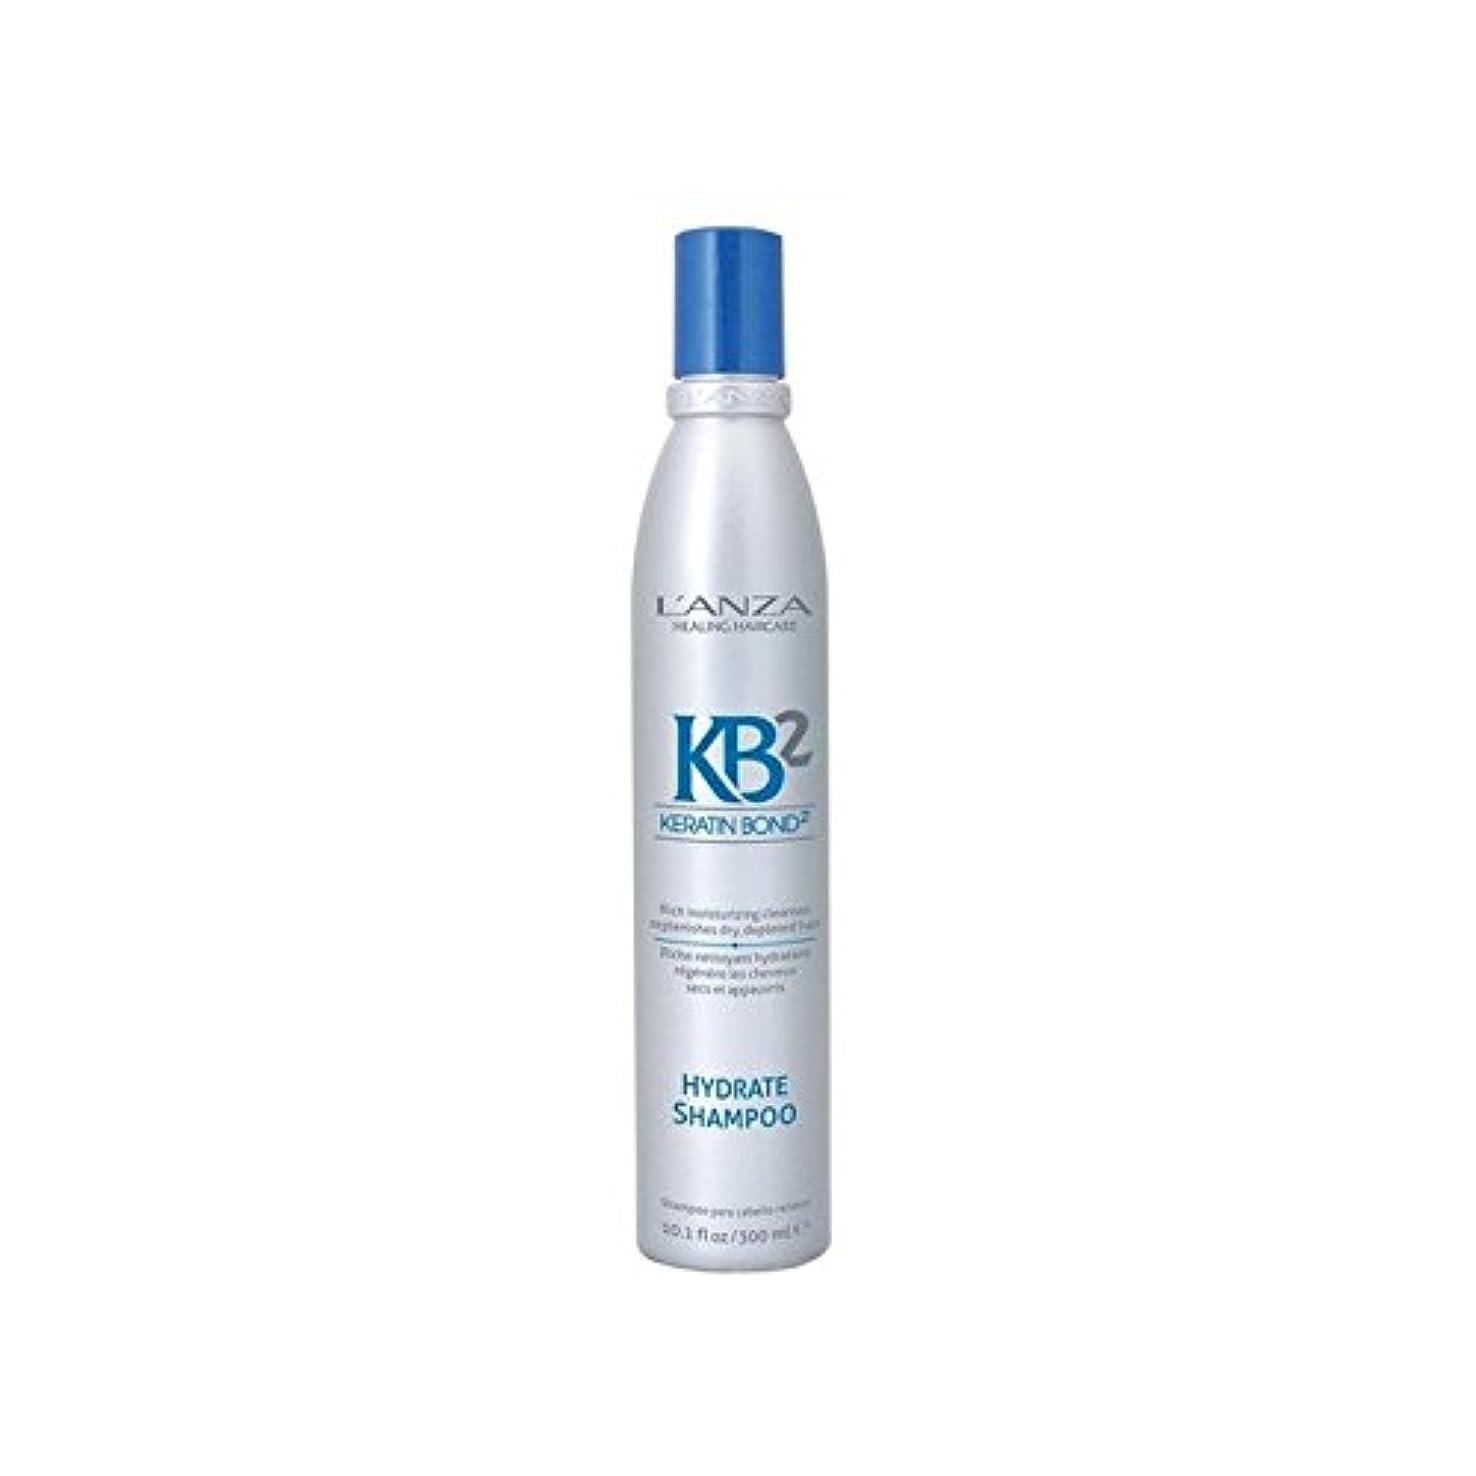 またマティスマリナーL'Anza Kb2 Hydrate Shampoo (300ml) (Pack of 6) - アンザ2和物シャンプー(300ミリリットル) x6 [並行輸入品]